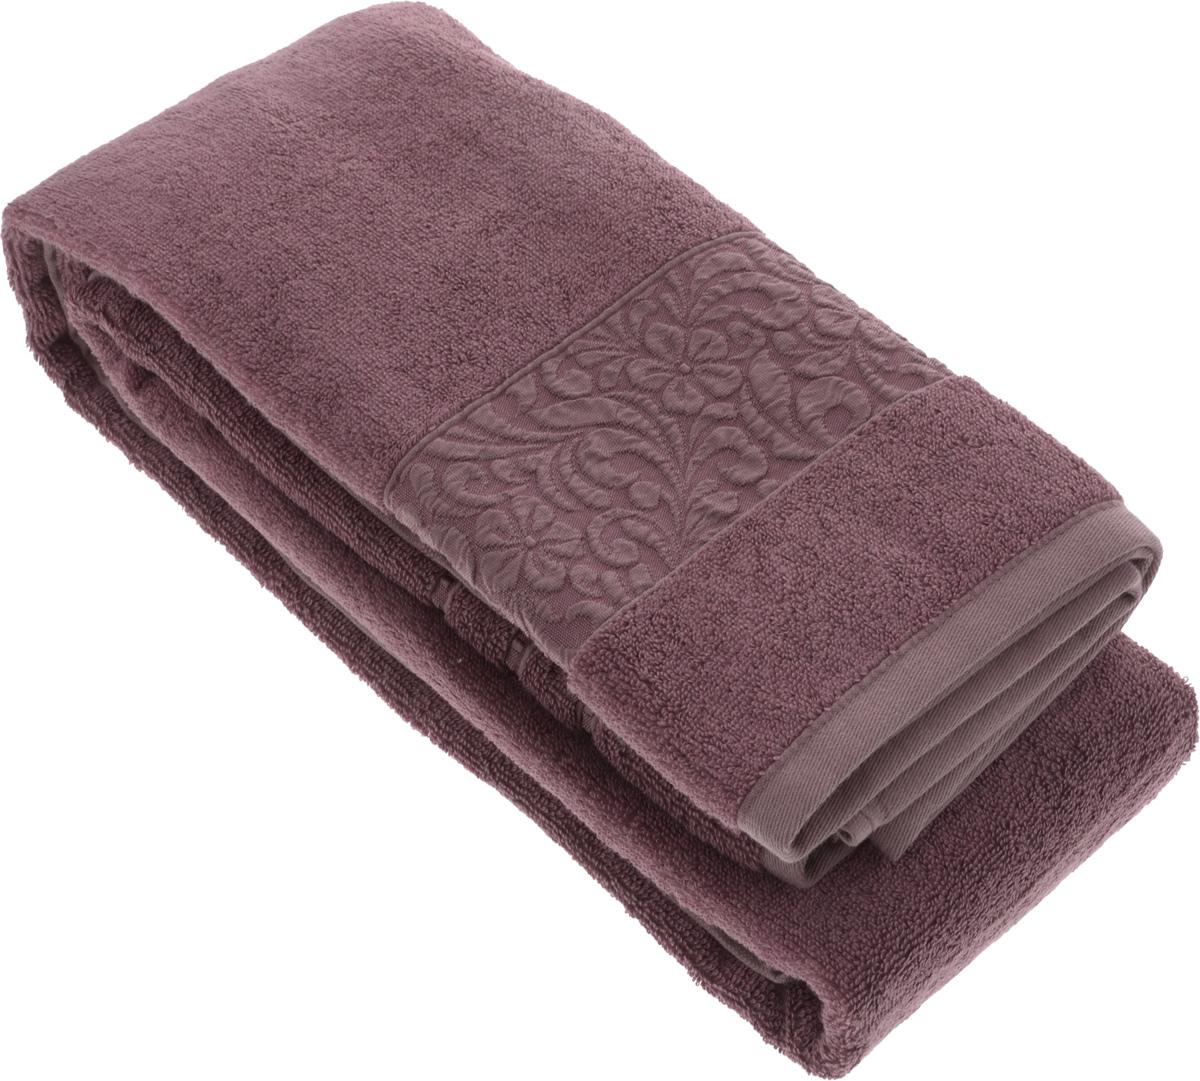 Полотенце бамбуковое Issimo Home Valencia, цвет: пыльная роза, 90 x 150 смCLP446Полотенце Issimo Home Valencia выполнено из 60% бамбукового волокна и 40% хлопка. Таким полотенцем не нужно вытираться - только коснитесь кожи - и ткань сама все впитает. Такая ткань впитывает в 3 раза лучше, чем хлопок.Несмотря на высокую плотность, полотенце быстро сохнет, остается легкими даже при намокании.Изделие имеет красивый жаккардовый бордюр, оформленный цветочным орнаментом. Благородные, классические тона создадут уют и подчеркнут лучшие качества махровой ткани, а сочные, яркие, летние оттенки создадут ощущение праздника и наполнят дом энергией. Красивая, стильная упаковка этого полотенца делает его уже готовым подарком к любому случаю.